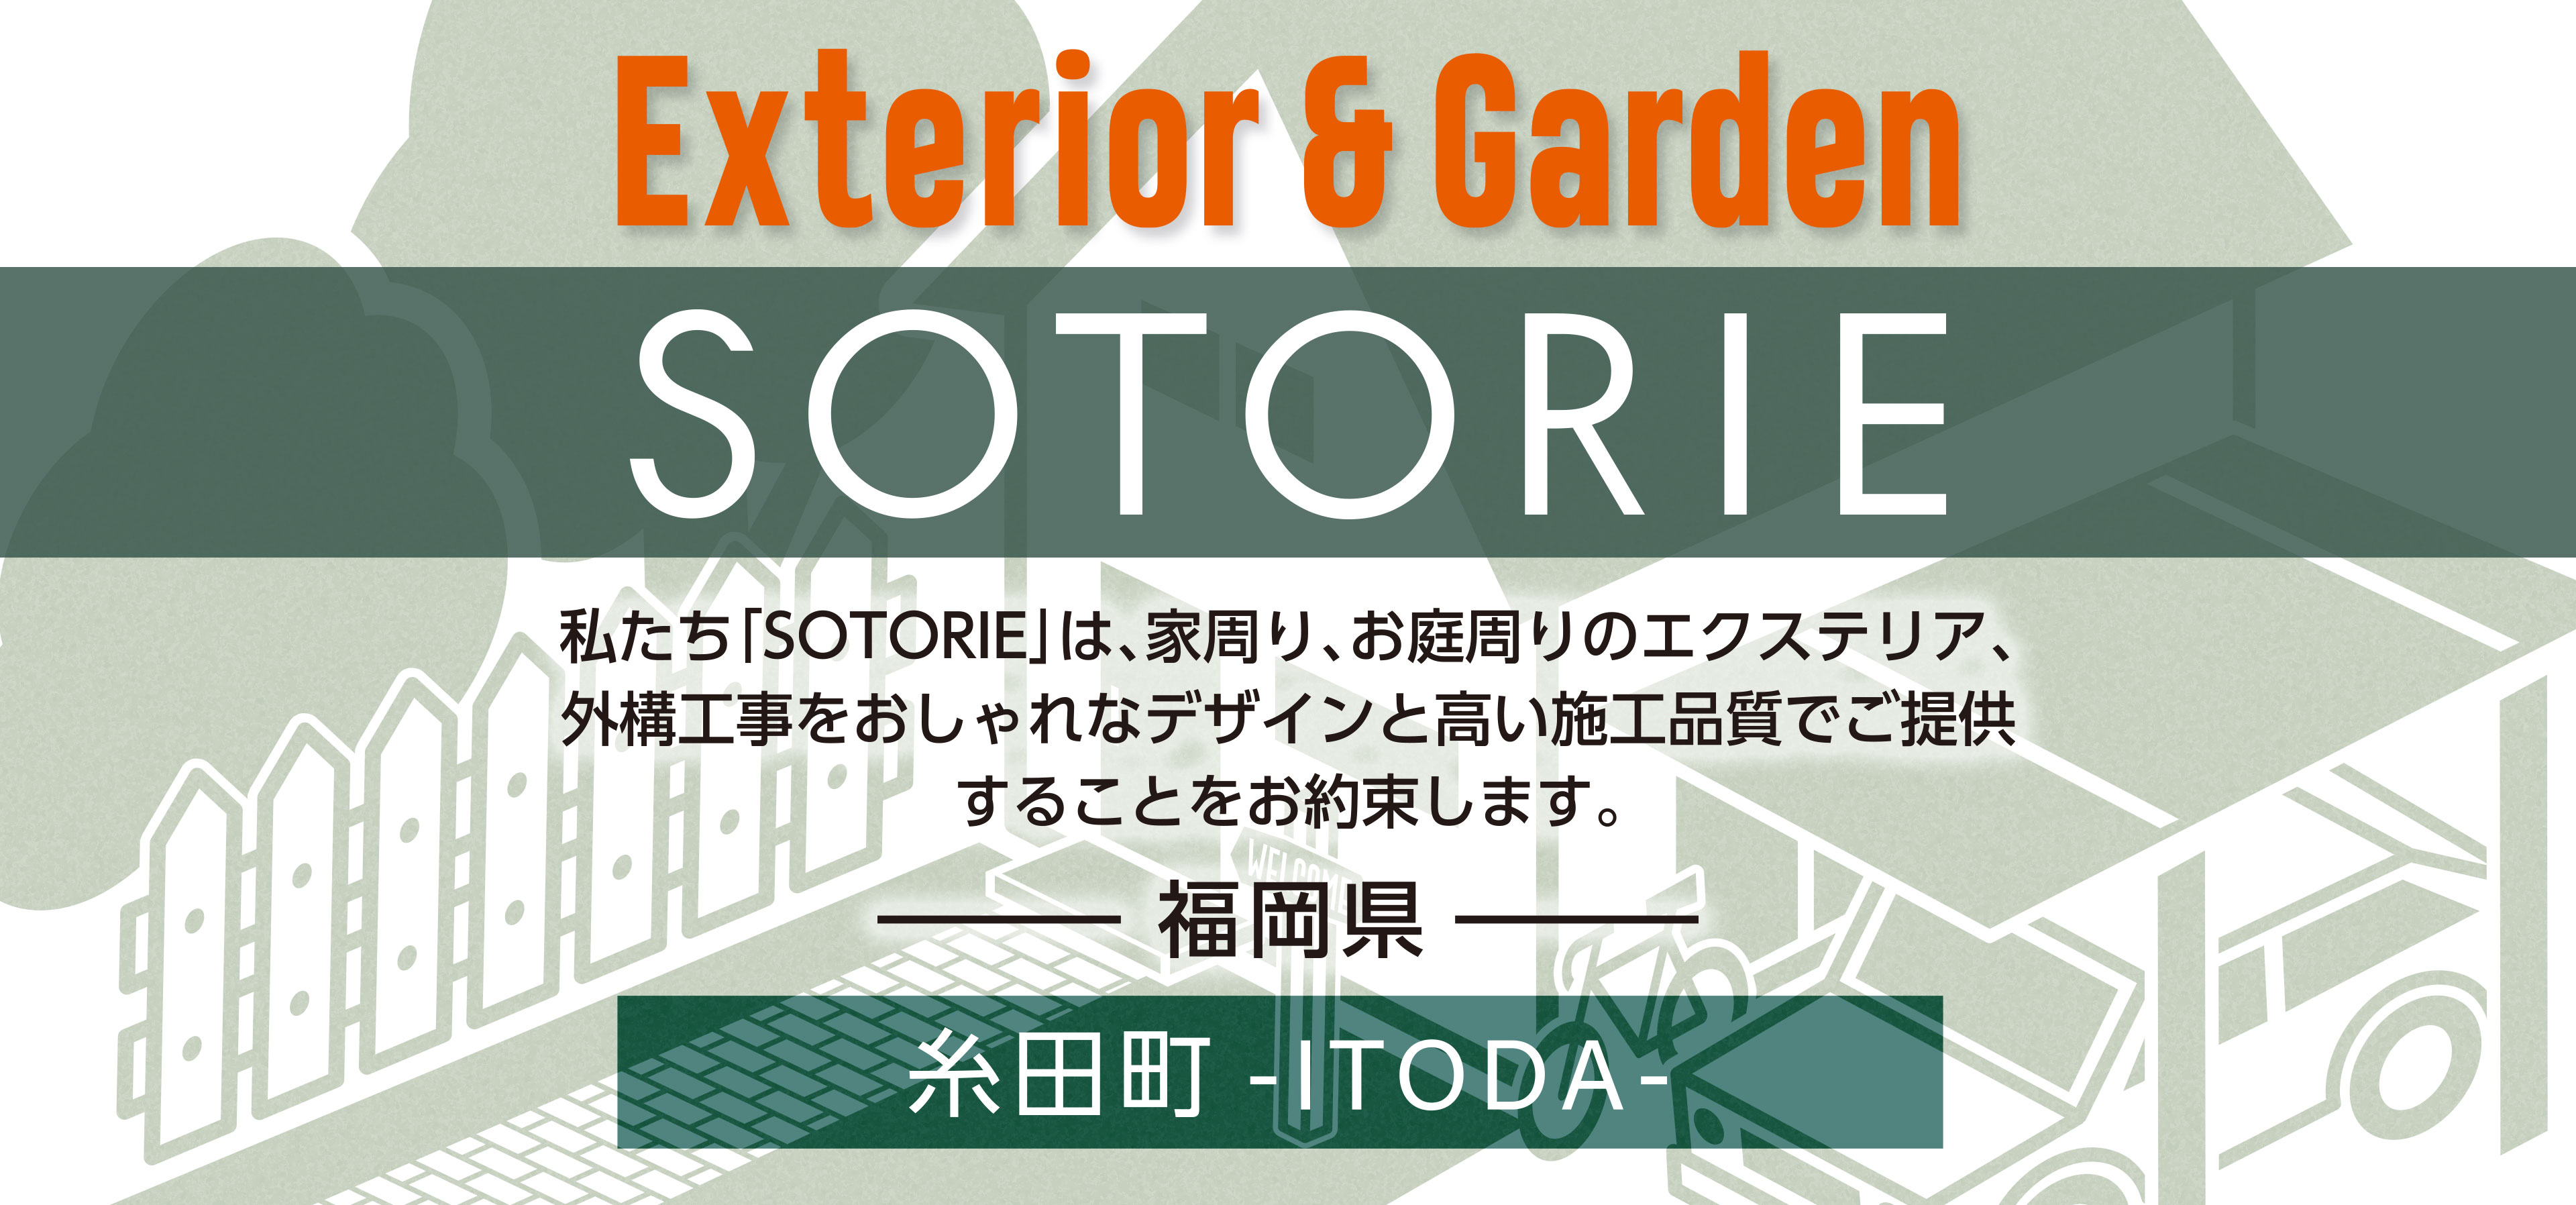 ソトリエ糸田町では、家周りと庭周りの外構、エクステリア工事をおしゃれなデザインと高い施工品質でご提供することをお約束します。